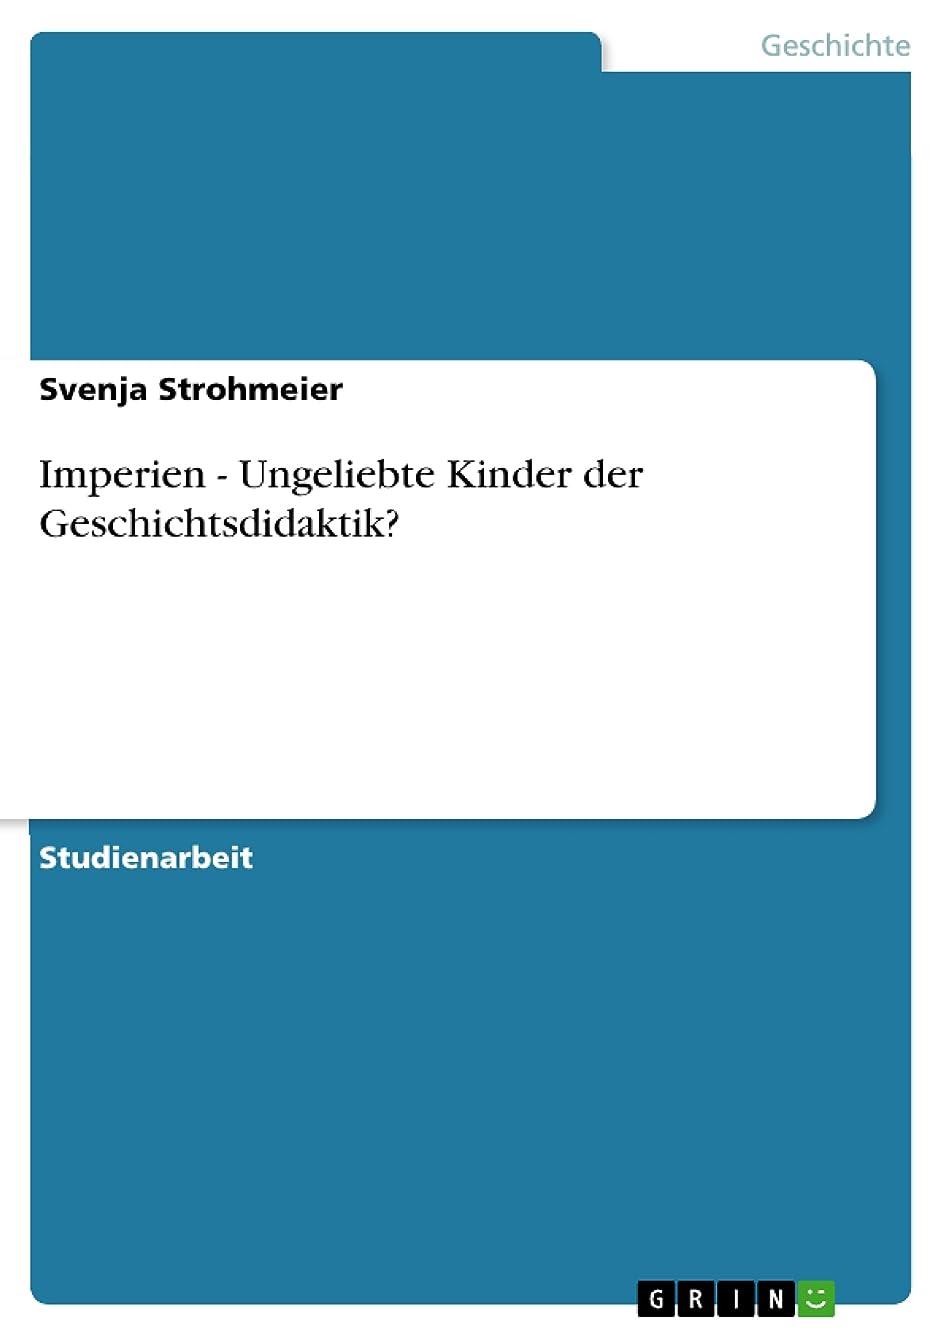 爆弾クロール好奇心Imperien - Ungeliebte Kinder der Geschichtsdidaktik? (German Edition)